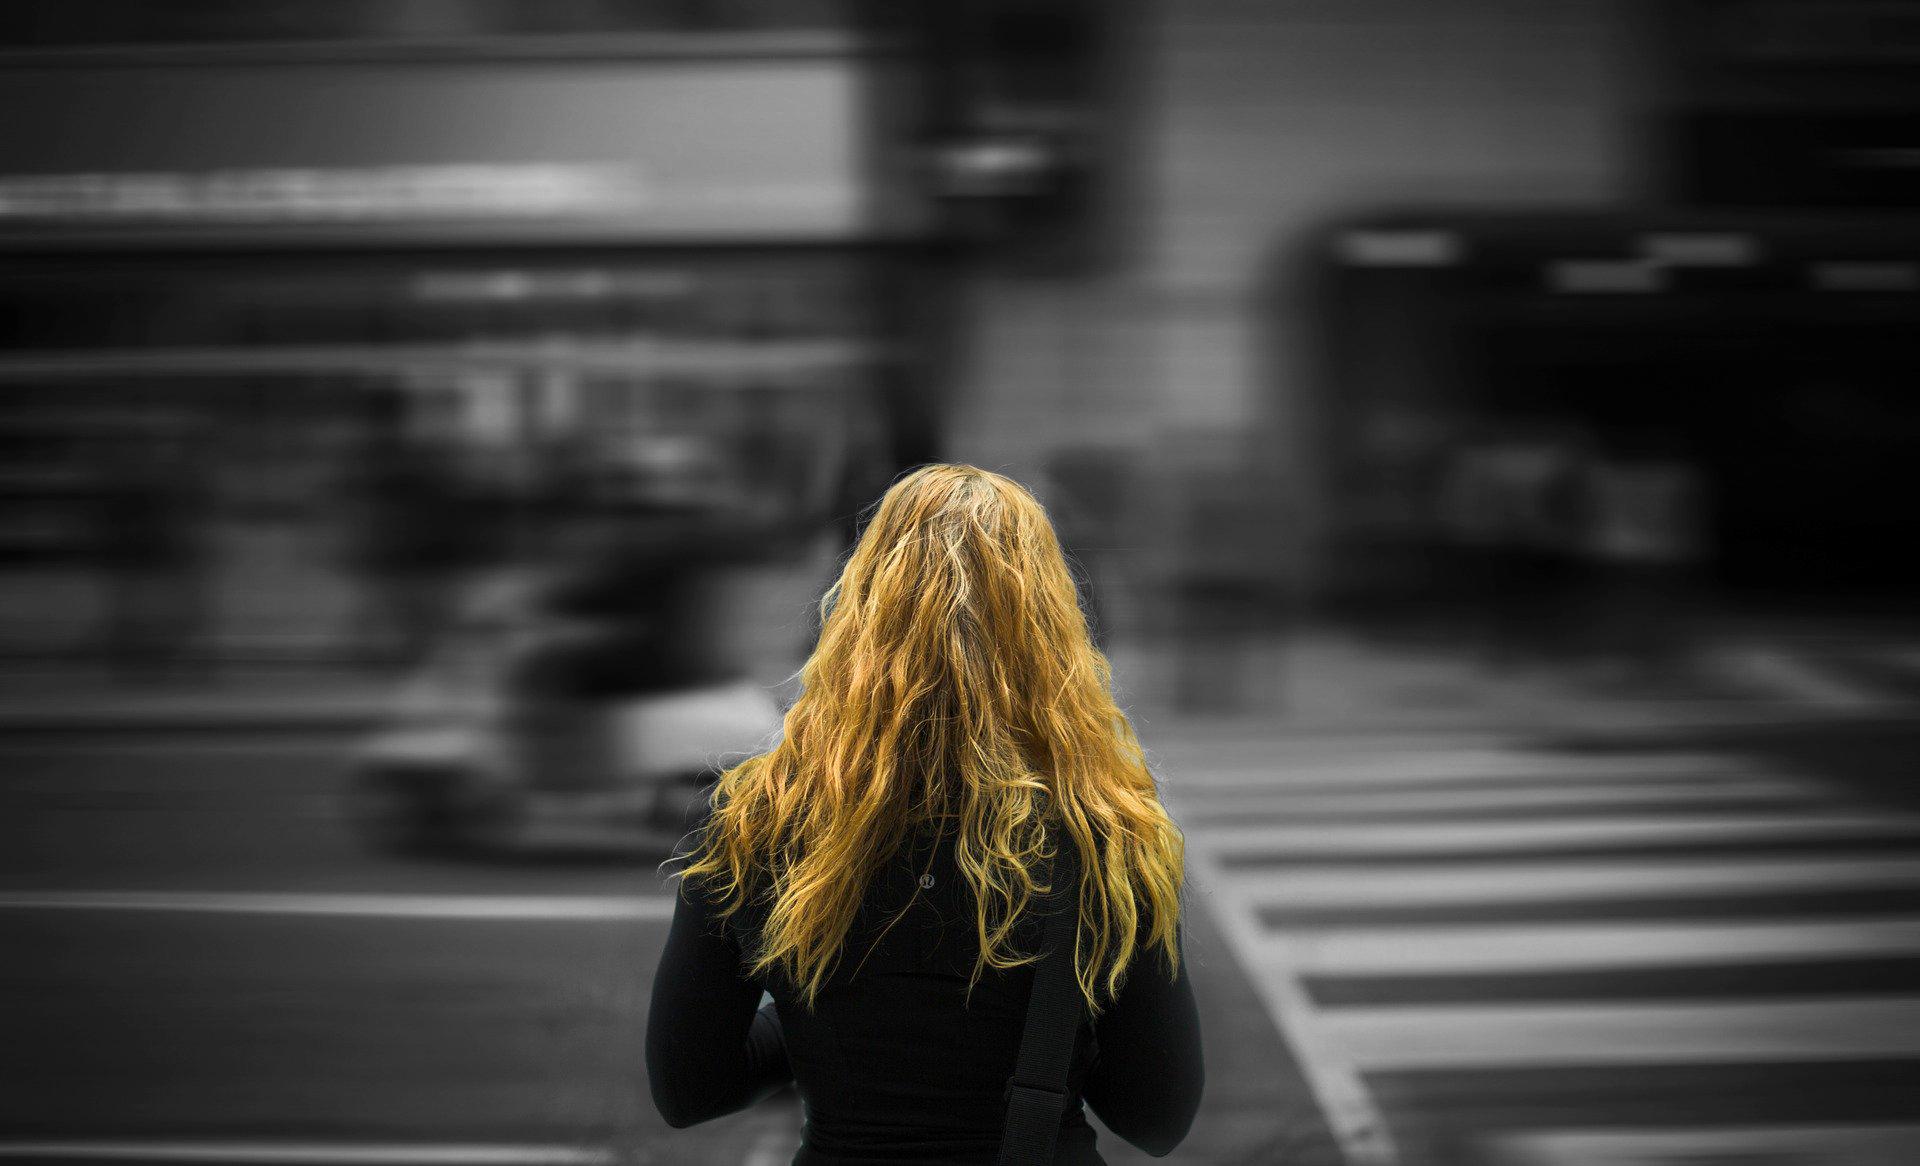 Kuvassa nuori nainen seisoo selin ja katsoo kohti suojatietä.